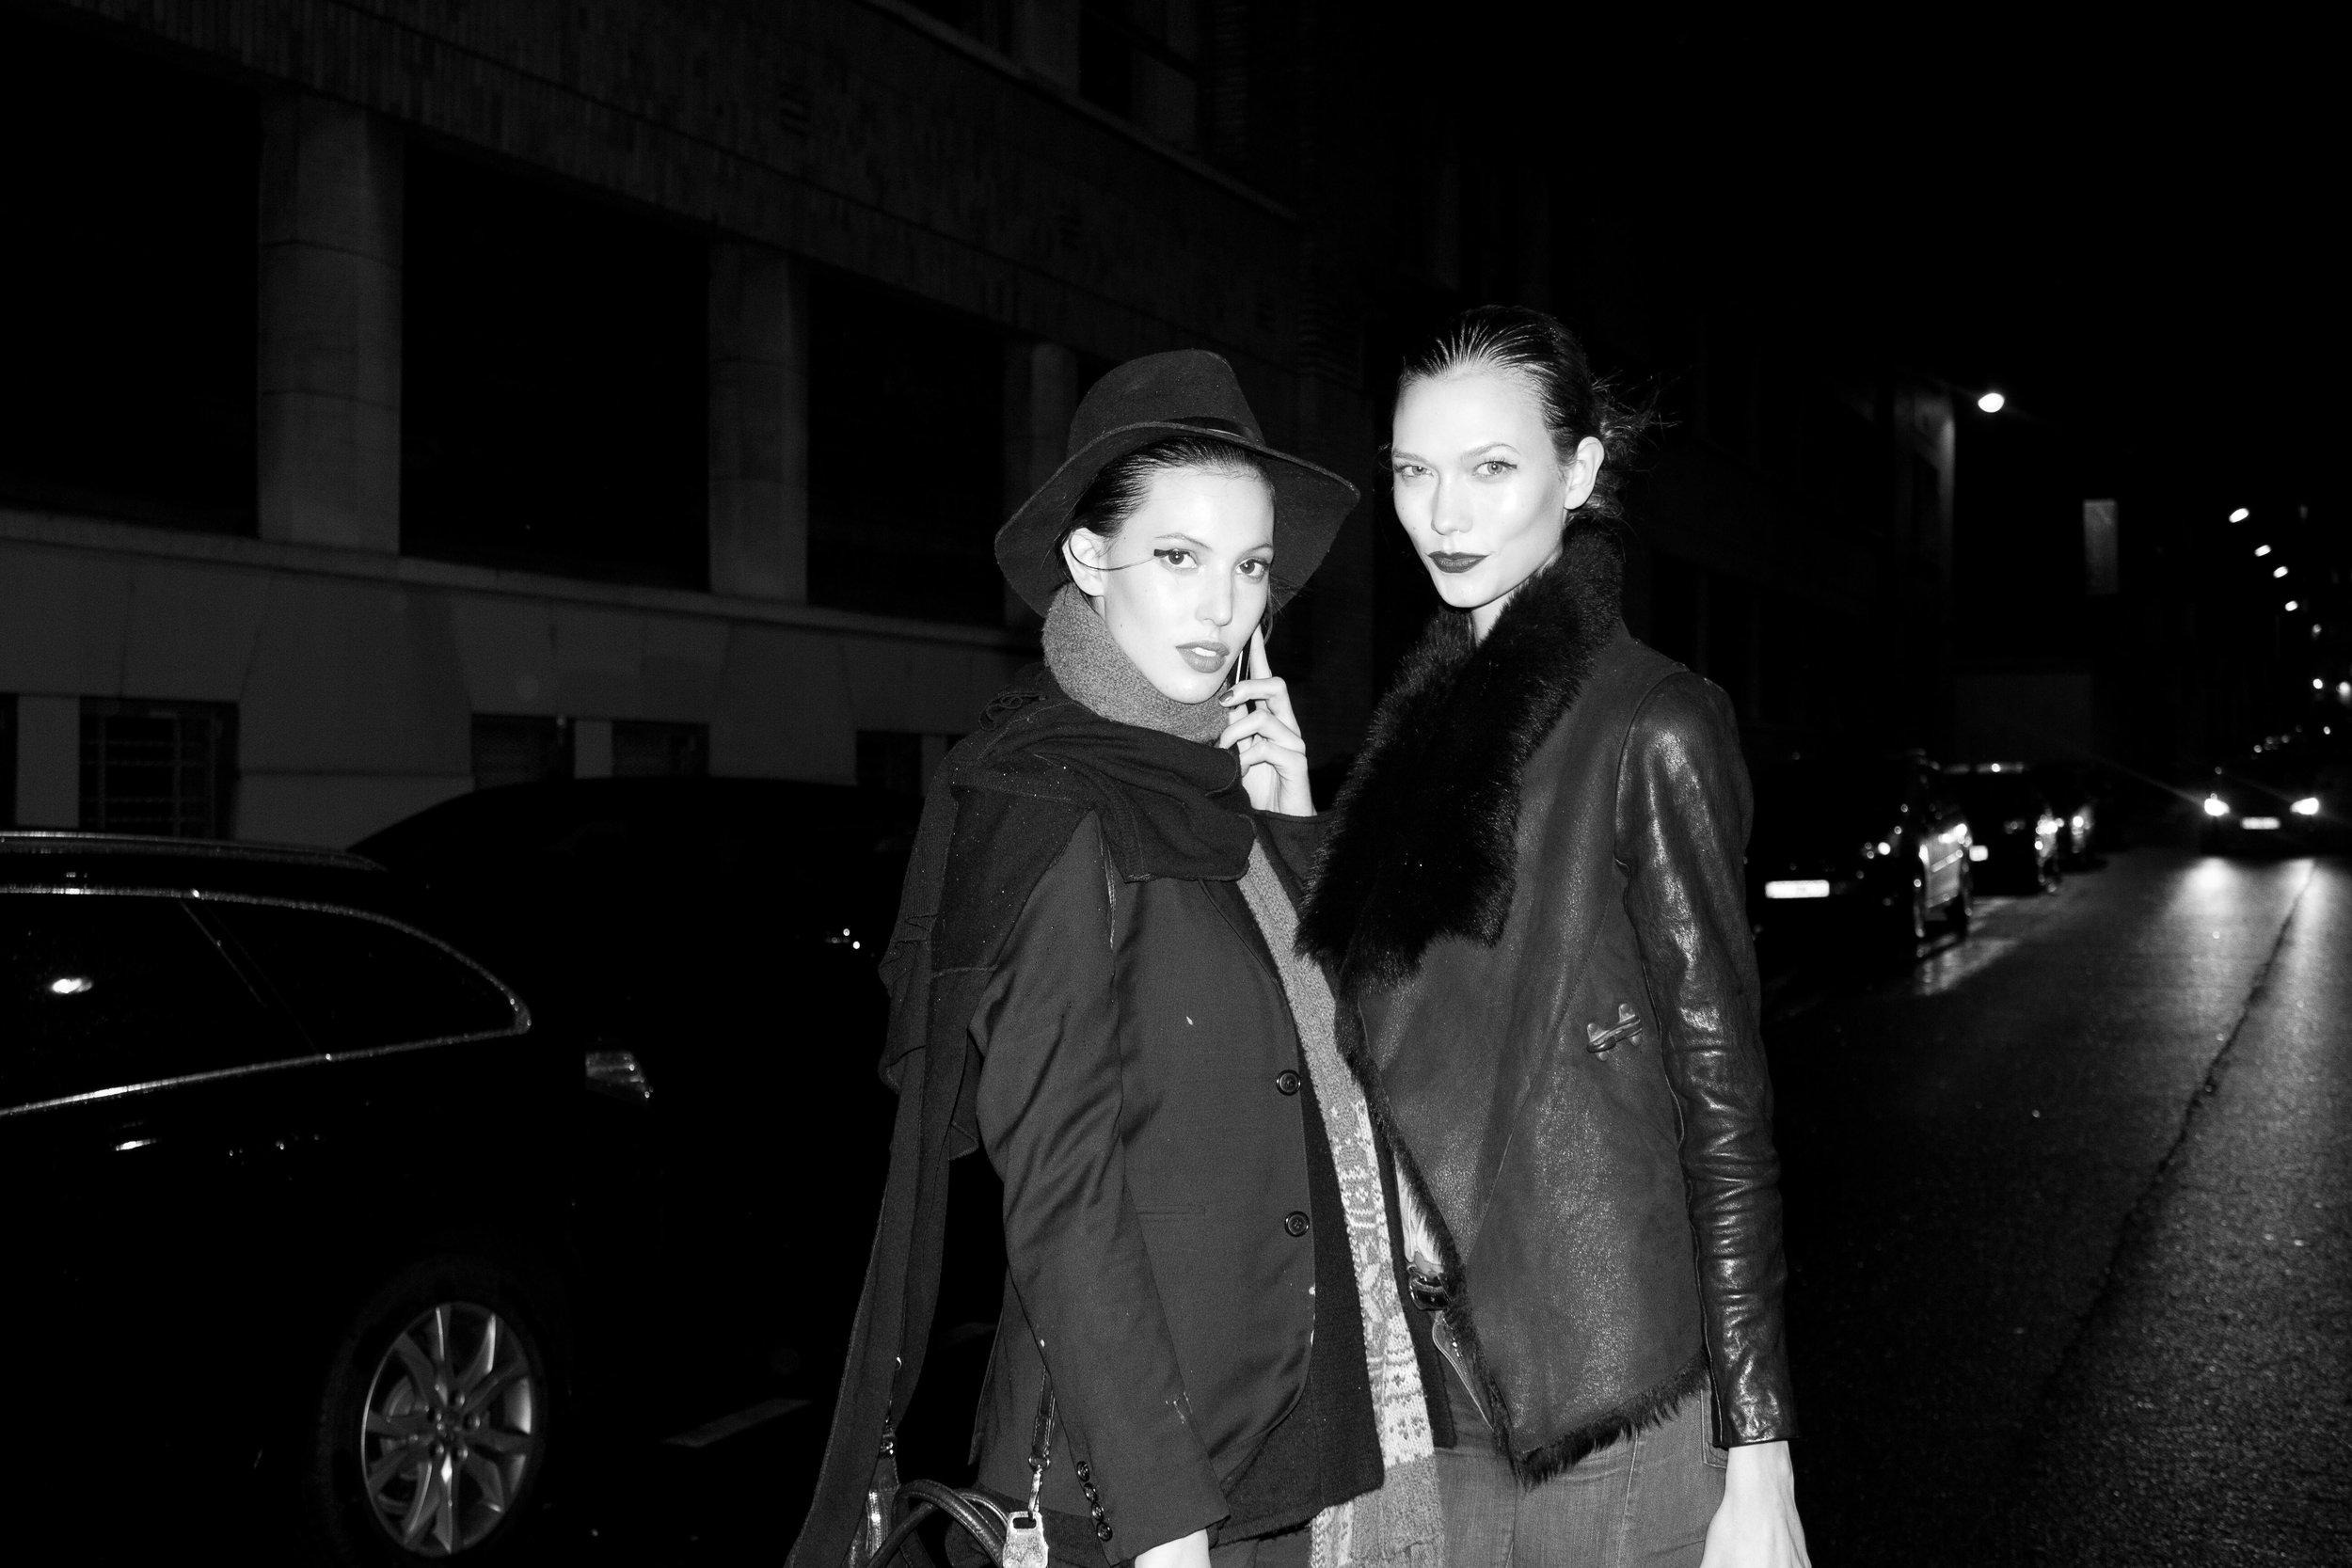 Ruby Aldrige & Karlie Kloss at Paris Fashion Week by Kemara Pol